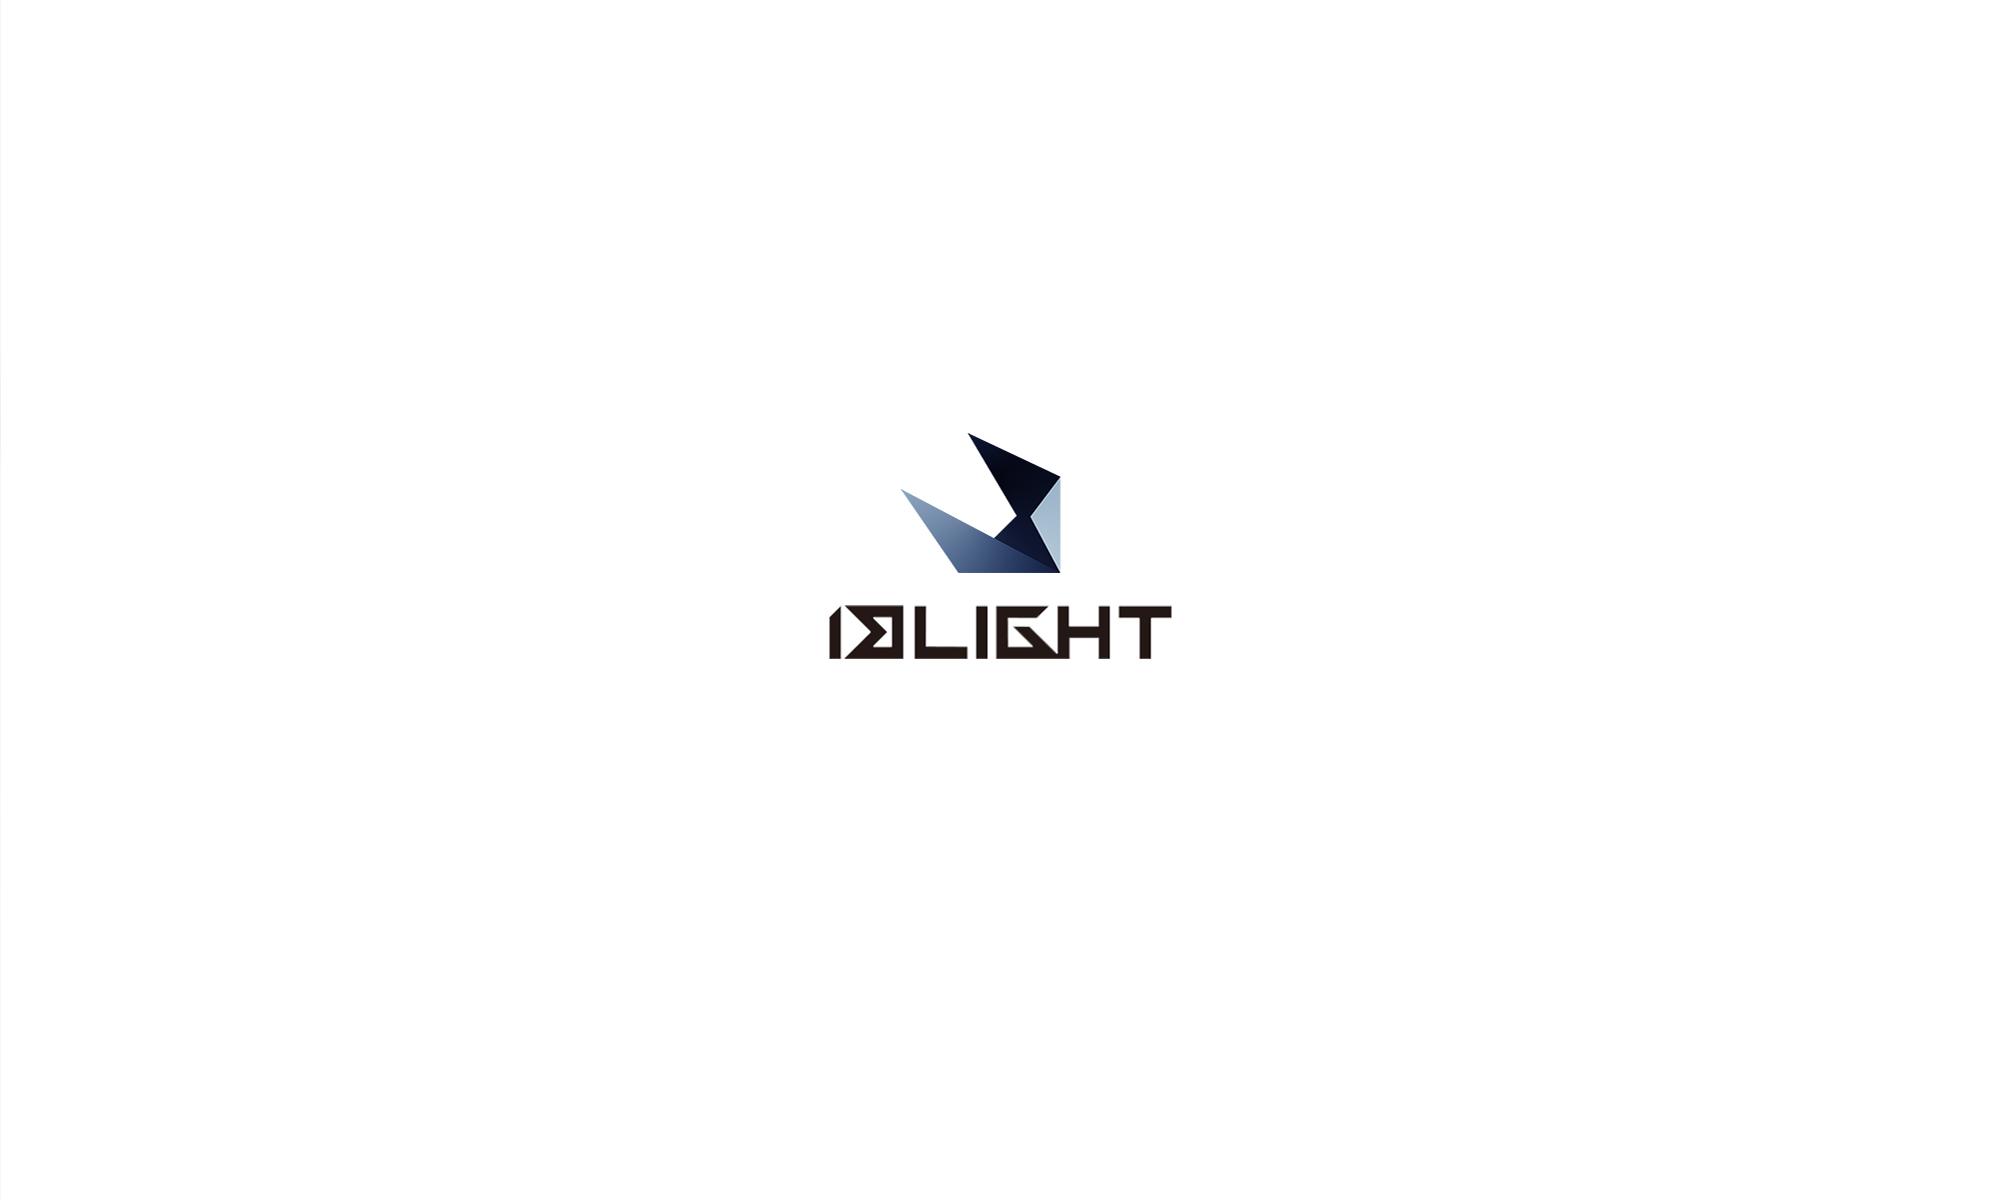 18Light  光穹遊戲|開發日常